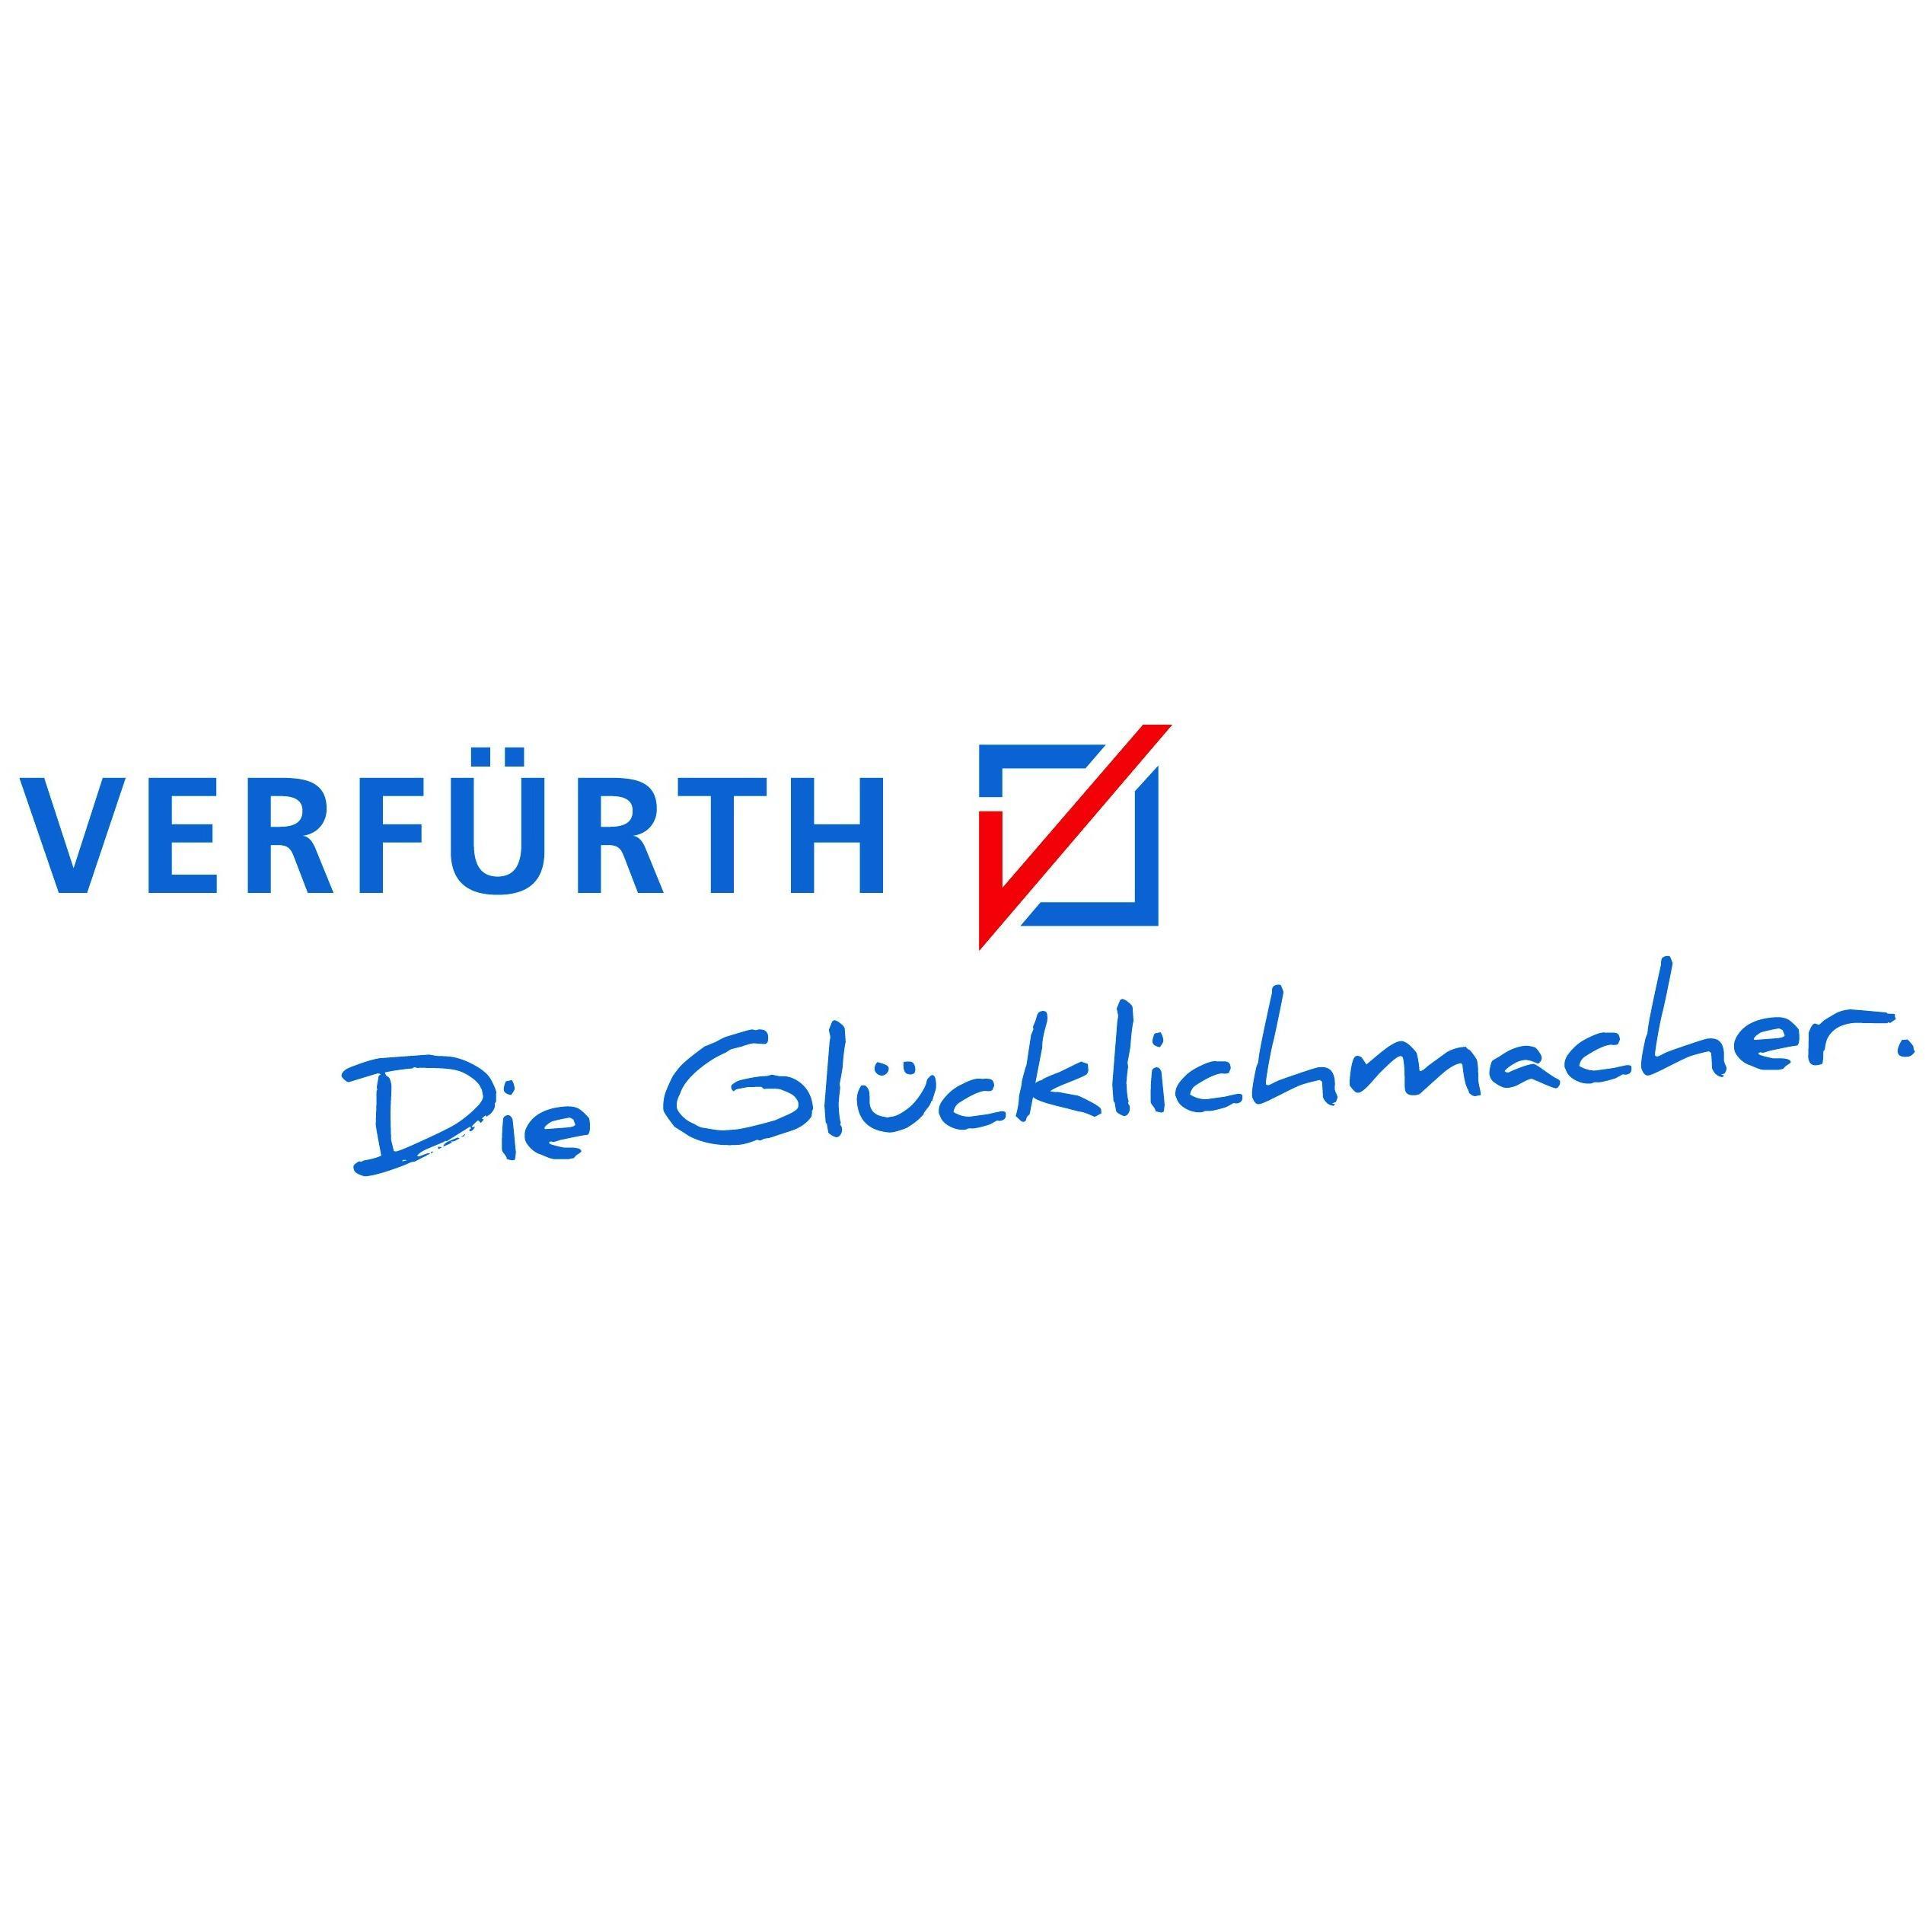 VERFÜRTH GmbH & Co. KG